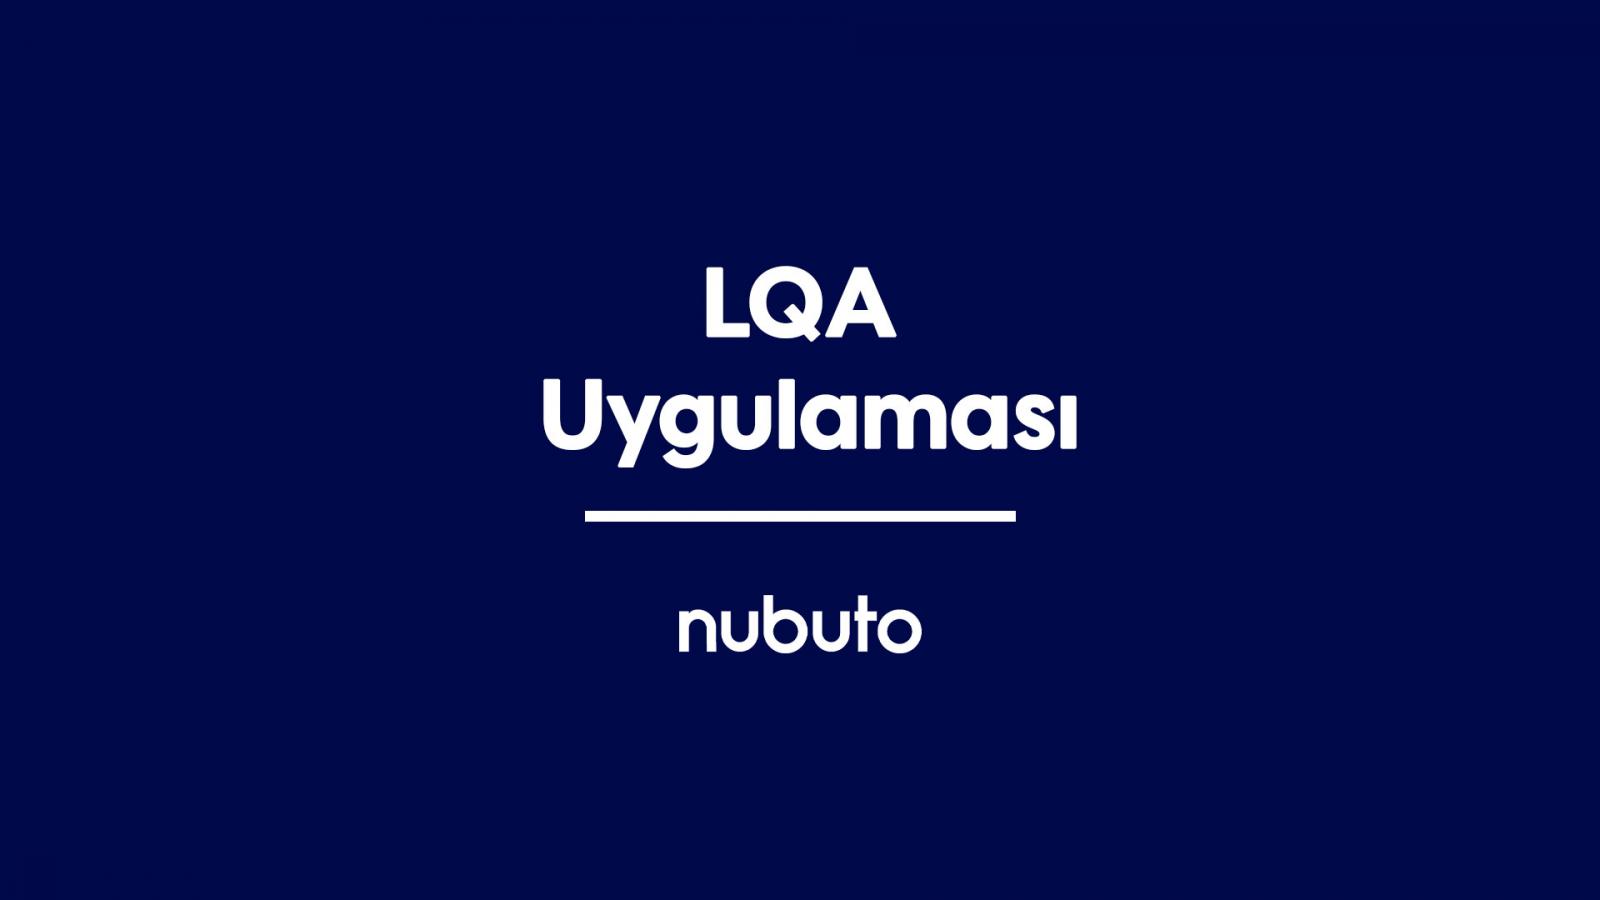 LQA Uygulaması